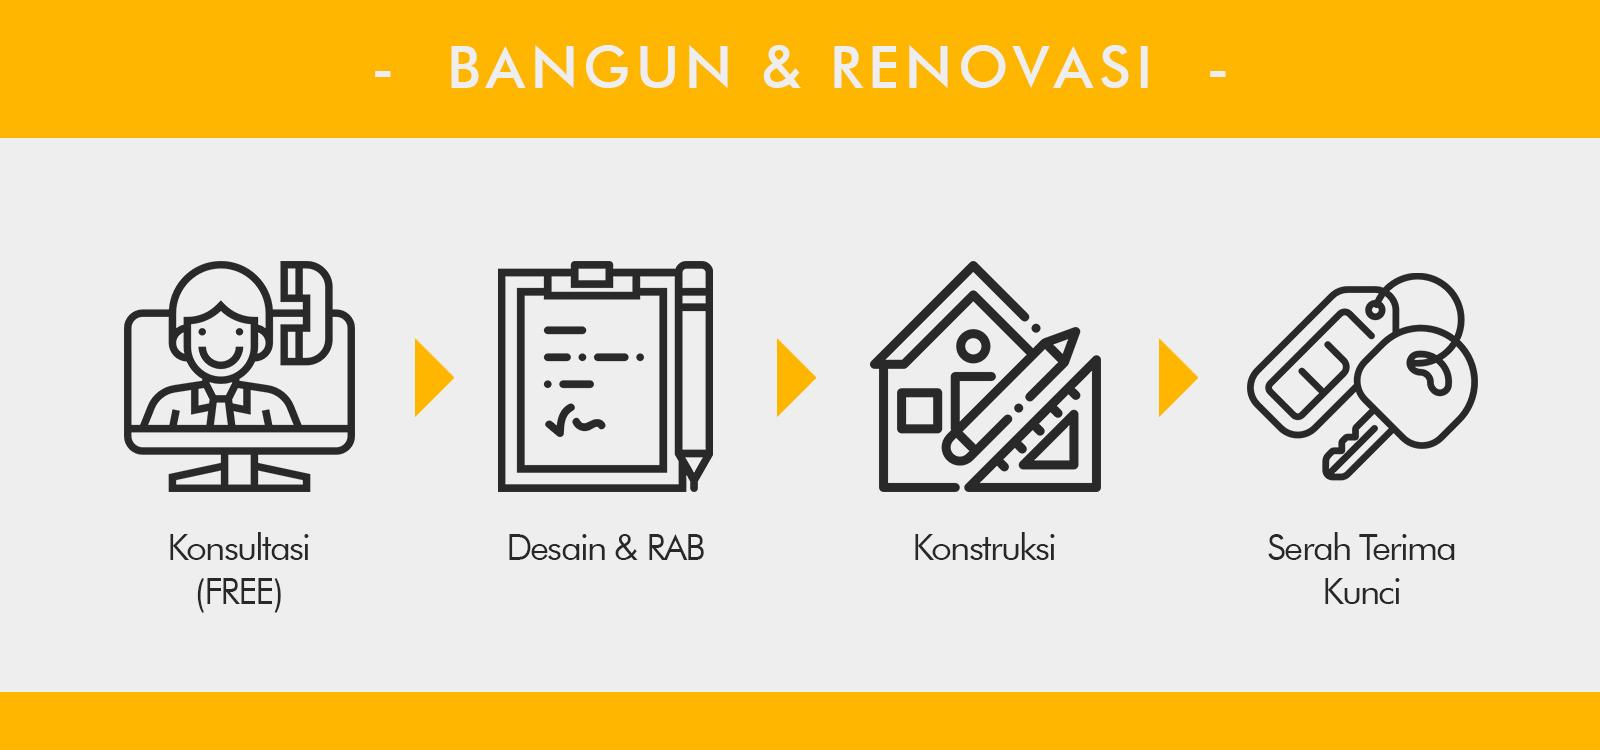 mandala pilar, kontraktor, kontraktor terpercaya, kontraktor amanah, kontraktor rumah, kontraktor jujur, kontraktor bangun rumah, kontraktor renovasi rumah, renovasi rumah, bangun rumah, renovasi, konstruksi, konstruksi rumah, ruko, interior, desain, design, eksterior, fasad, furniture, jasa bangun rumah, jasa kontraktor, jasa renovasi, jasa renovasi rumah, jasa kontraktor rumah, konsultan rumah, konsultan desain, konsultan design, amanah, jujur, terpercaya, recommended, kontraktor berpengalaman, kontraktor recommended, kontraktor bagus, kontraktor on time, on time, kontraktor tepat waktu, tepat waktu, kontraktor pamulang, kontraktor jakarta, kontraktor, tangerang, kontraktor bekasi, kontraktor bogor, kontraktor, cibubur, kontraktor depok, beton, beton expose, bata, bata expose, void, foyer, bay window, skylight, teras, split level, minimalis, minimalis modern, tropis, tropis modern, eropa, eropa modern, eropa klasik, pelapis dinding, foyer, balkon, teras, beranda, rumah kokoh, jaring baja, dak beton, taman rumah, kamar mandi, kamar anak, beton ekspose, bata ekspose, kayu pelapis dinding, pengurugan, cahaya buatan, pencahayaan buatan, beranda rumah, teras, rumah ramah lingkungan, material rumah, alternatif material kayu, taman rumah minimalis, rumah jepang, rumah korea, meningkat rumah, plafon rumah, material fasad, pagar kayu, dinding kaca, pagar rumah, batu koral, rumah urban, atap rumah, void rumah, split level, balkon rumah, rumah tropis, material rumah, interior rumah minimalis, furnitur kayu, lantai kayu, lantai marmer, polikarbonat, polycarbonate, kamar, downlight, led, cat minyak, mandor